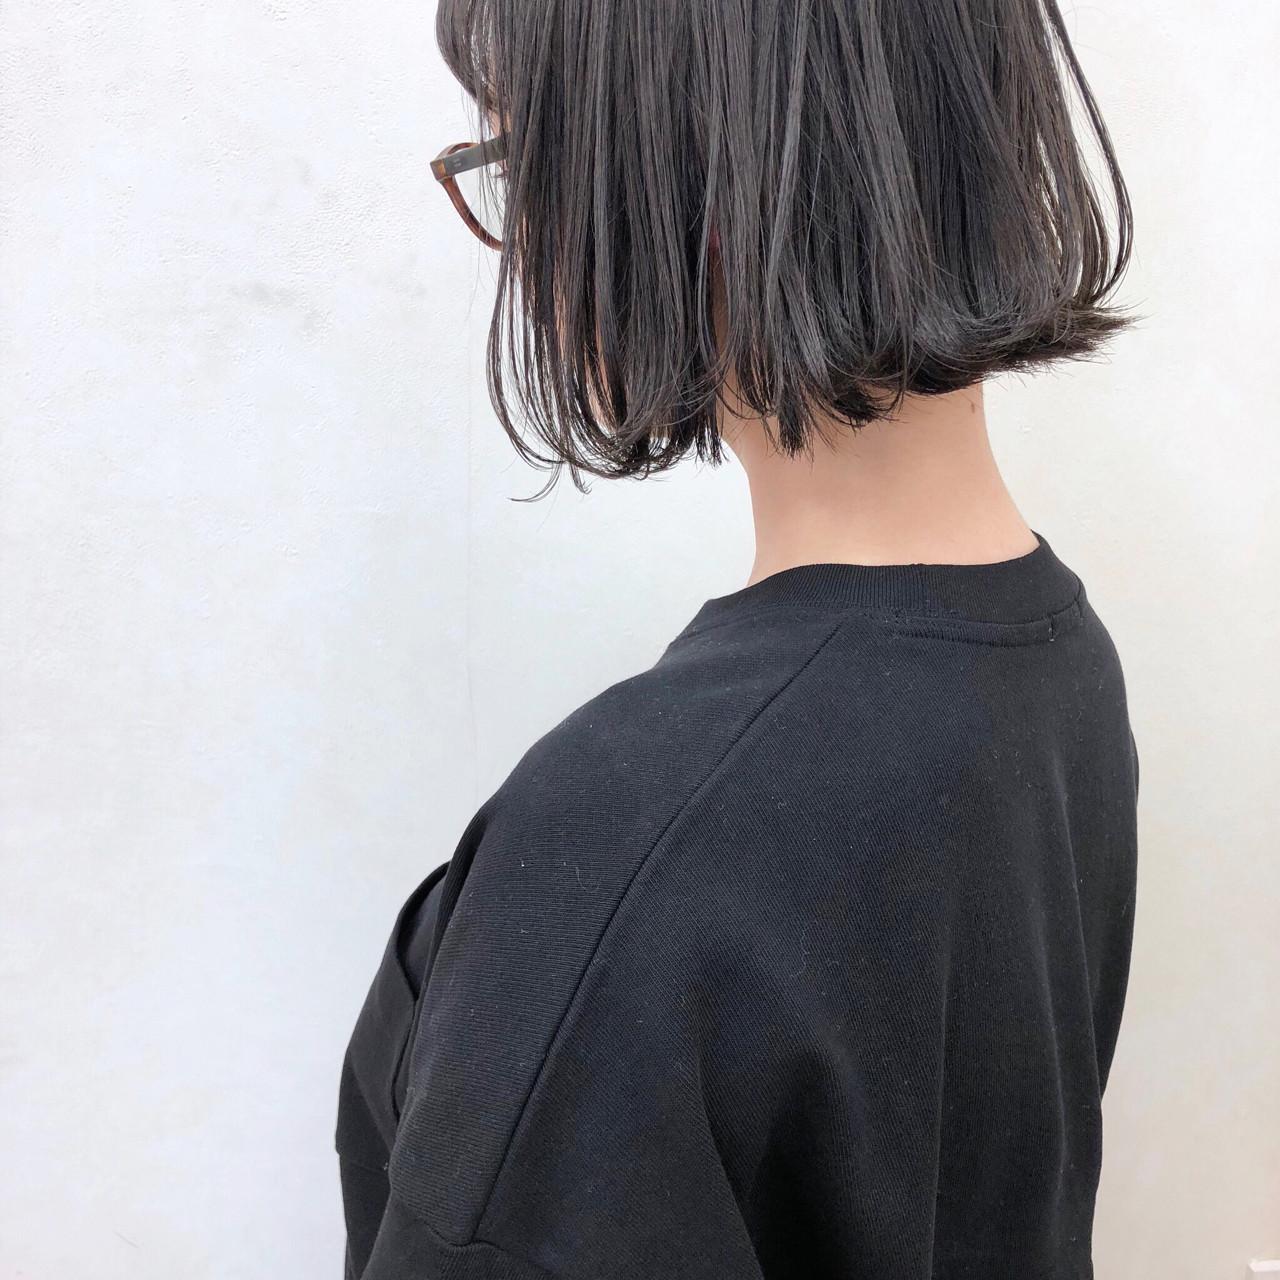 切りっぱなし 黒髪 前下がり 外ハネ ヘアスタイルや髪型の写真・画像